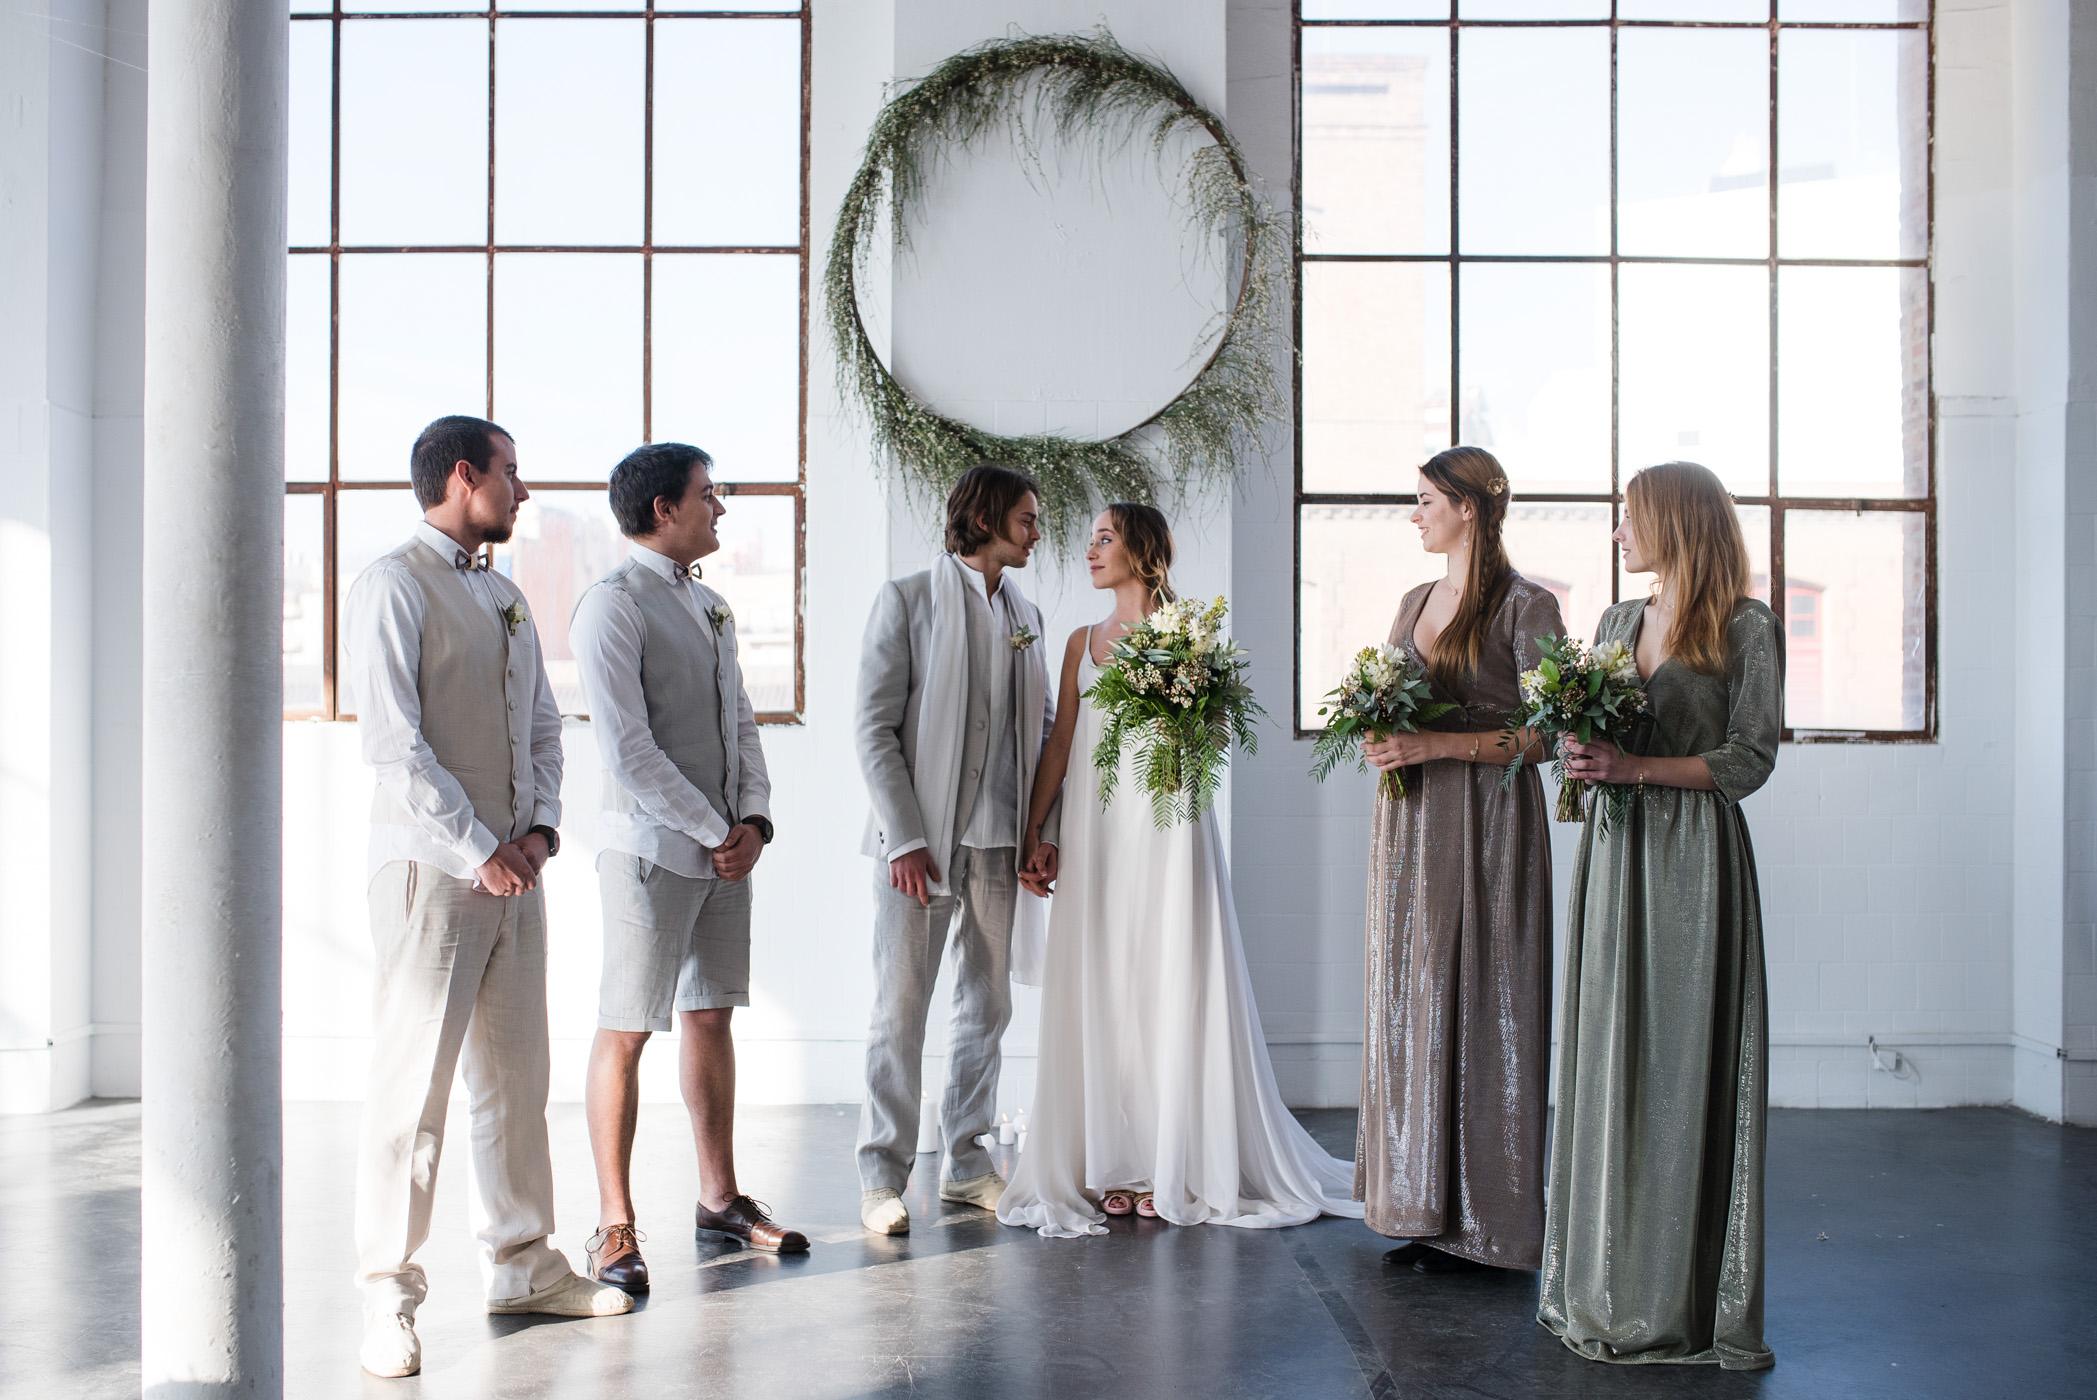 mariage industriel barcelone mariée et demoiselles d'honneur témoins